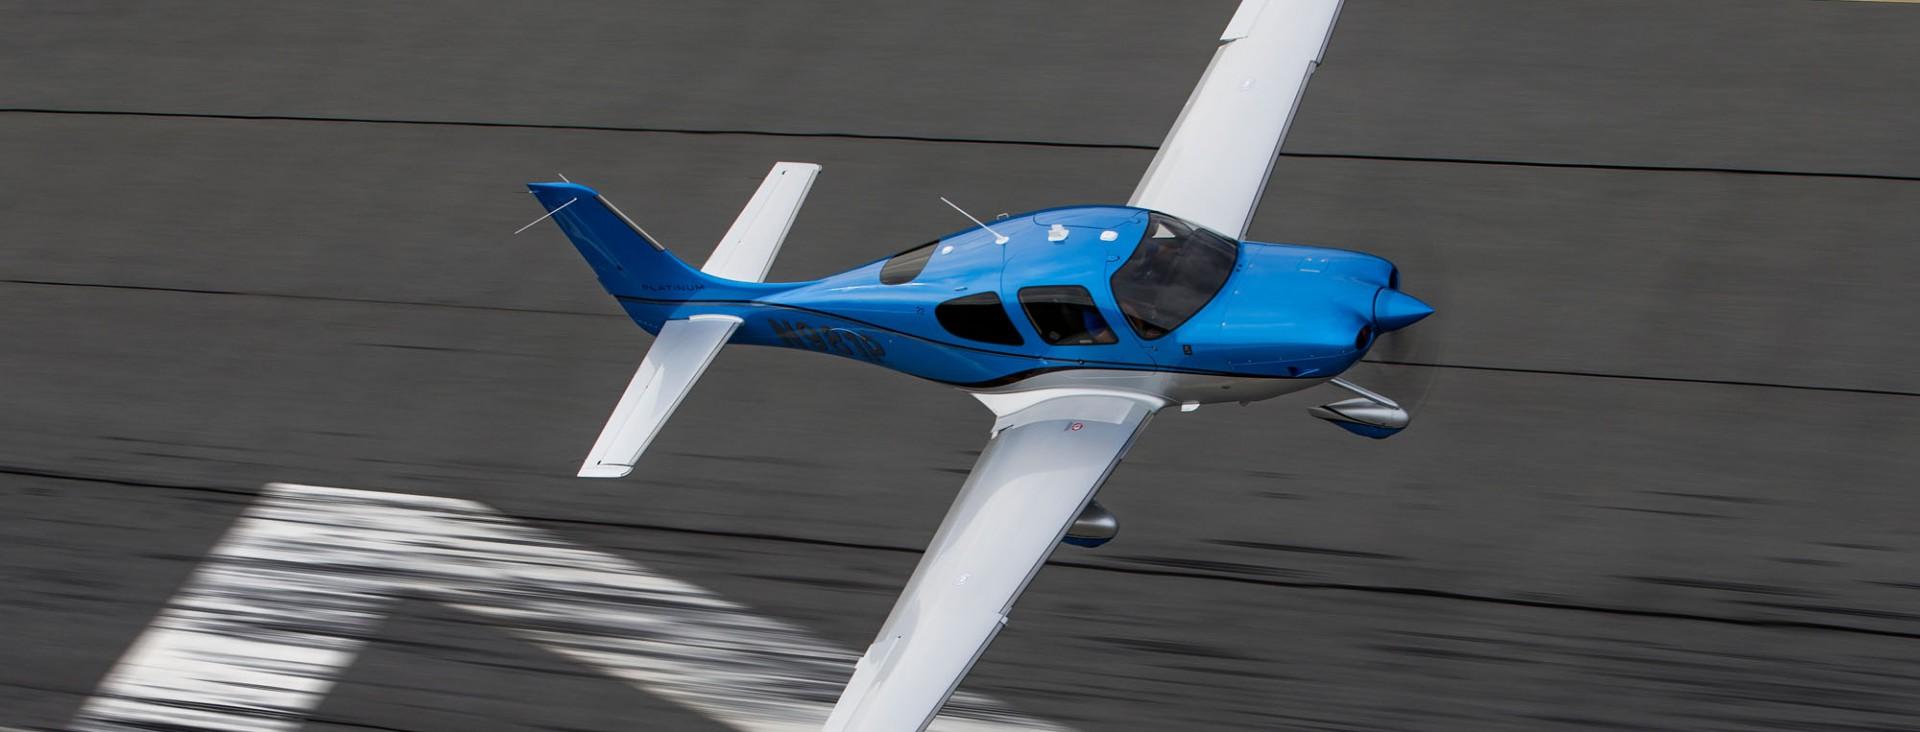 2016 Cirrus SR22 1920x732 cirrus aircraft sr22  at reclaimingppi.co